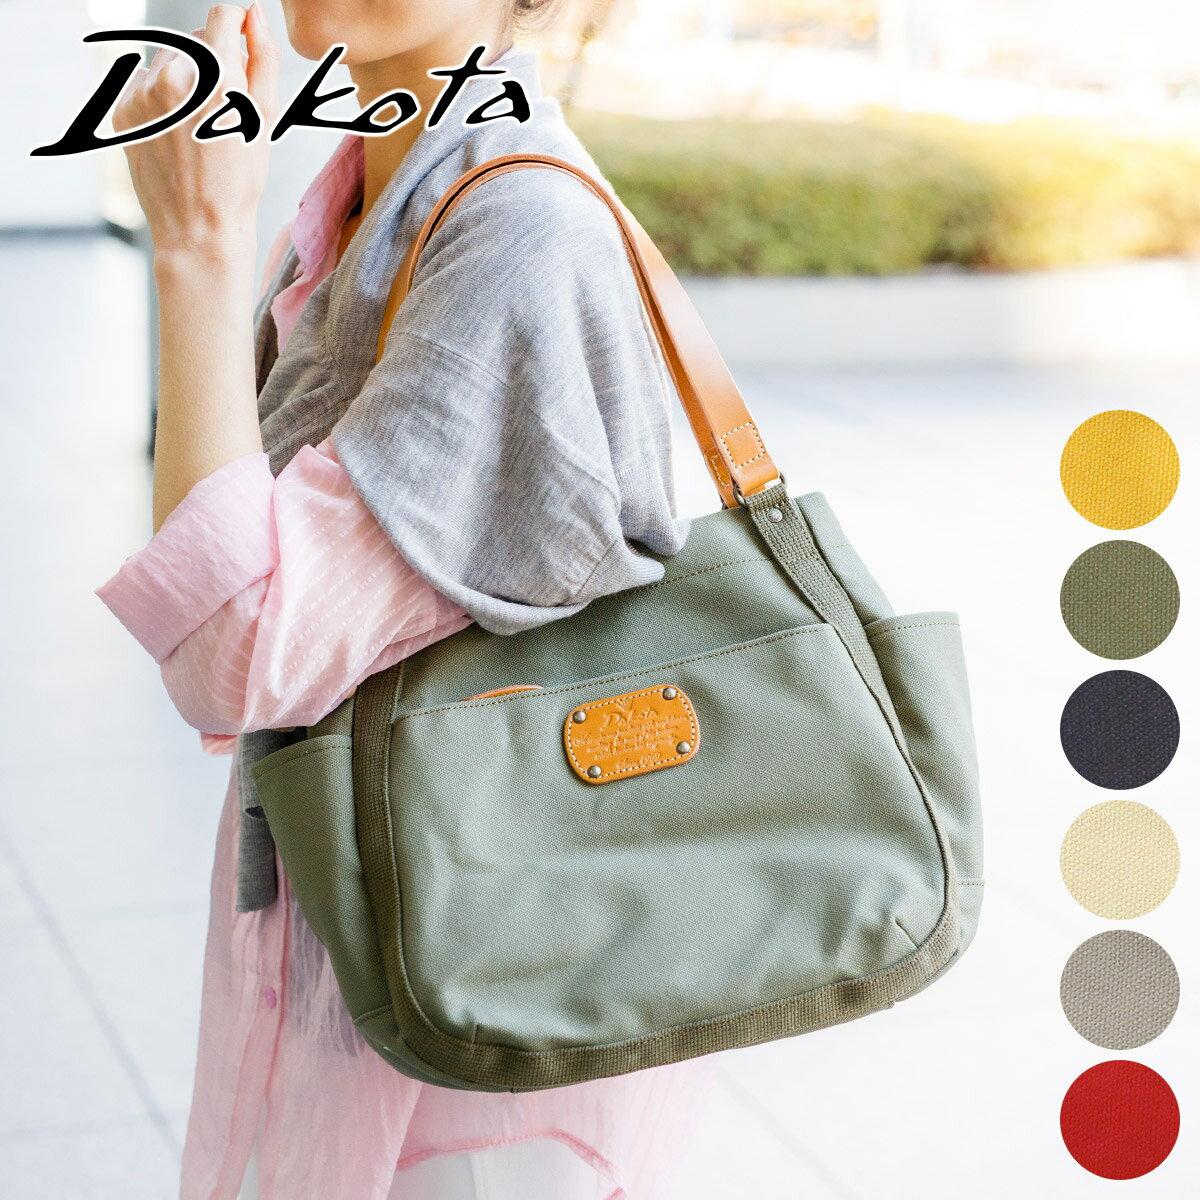 【1/24迄★ケアセット+Wプレゼント付】 Dakota ダコタ バッグピット トートバッグ 1531080レディース バッグ カジュアルトート 日本製 ギフト かわいい おしゃれ プレゼント